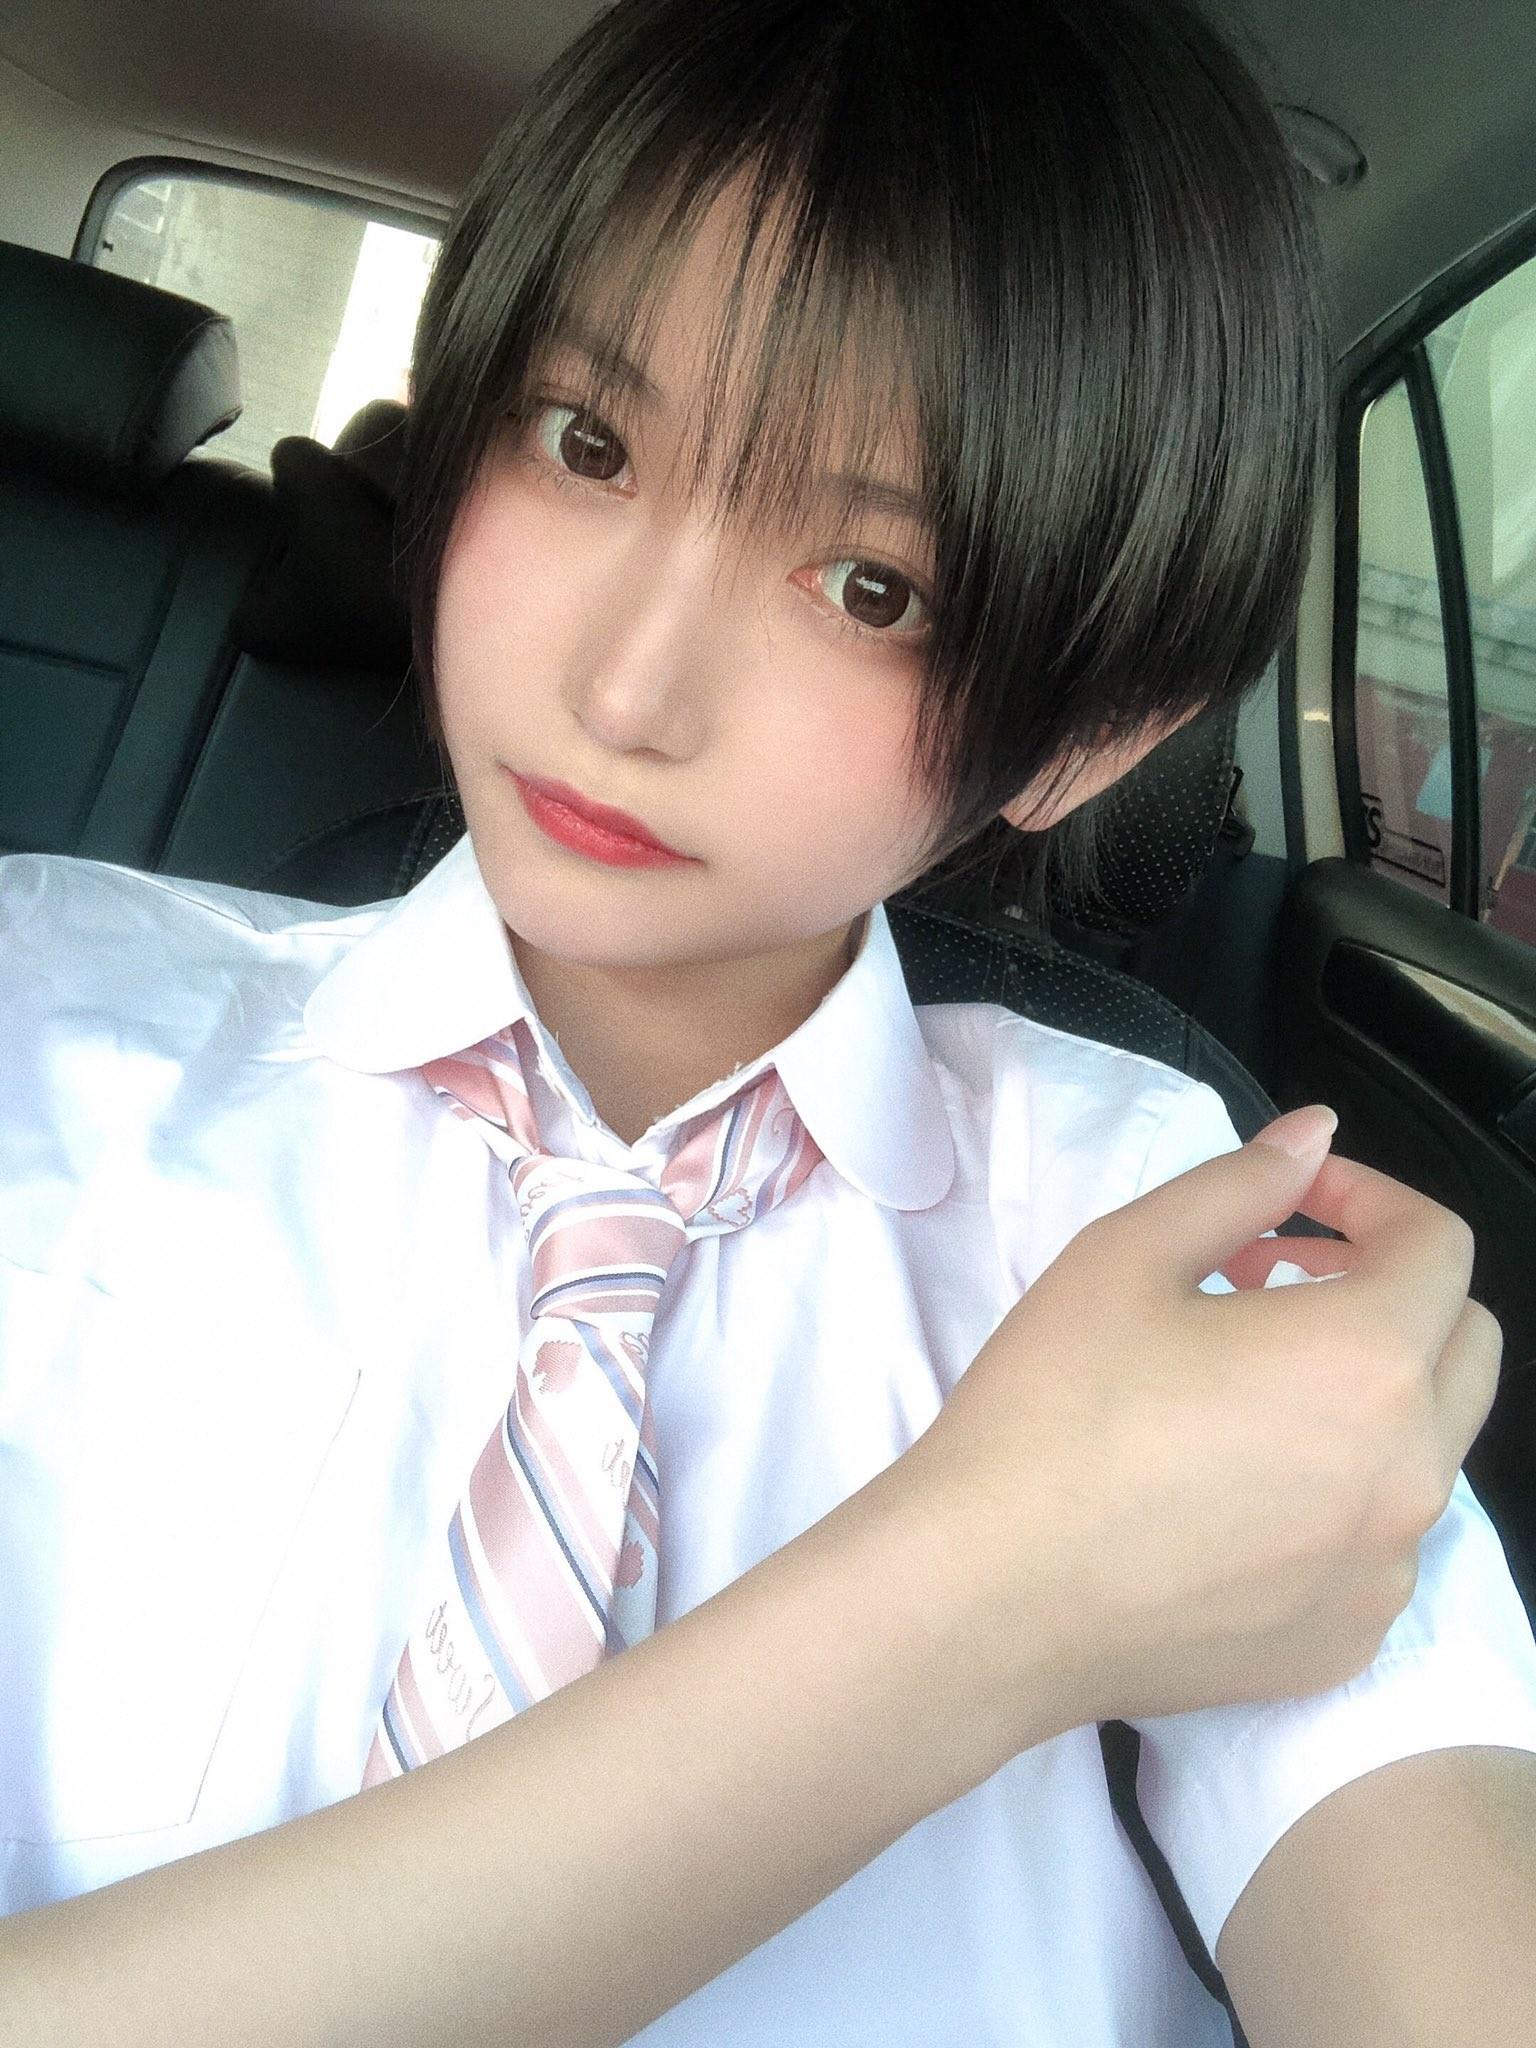 可愛い女の子 9